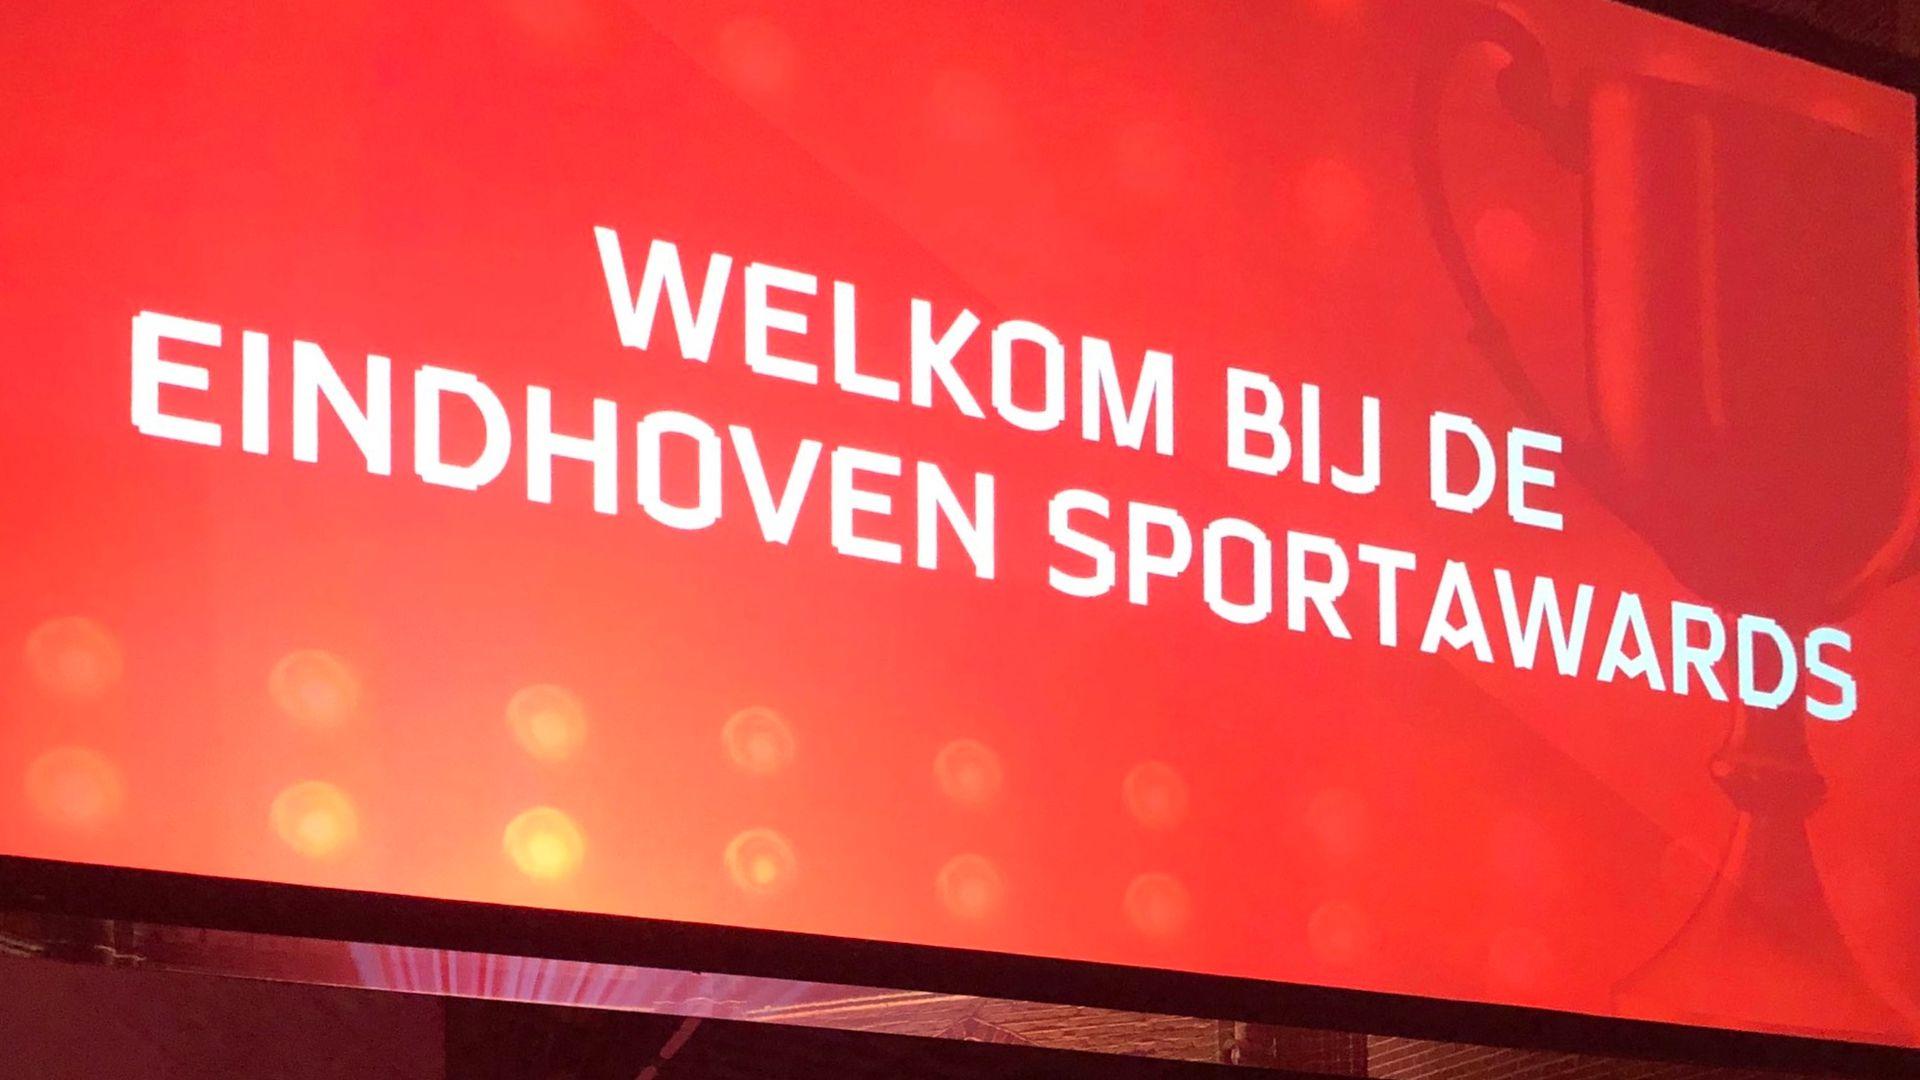 Sportawards 2020